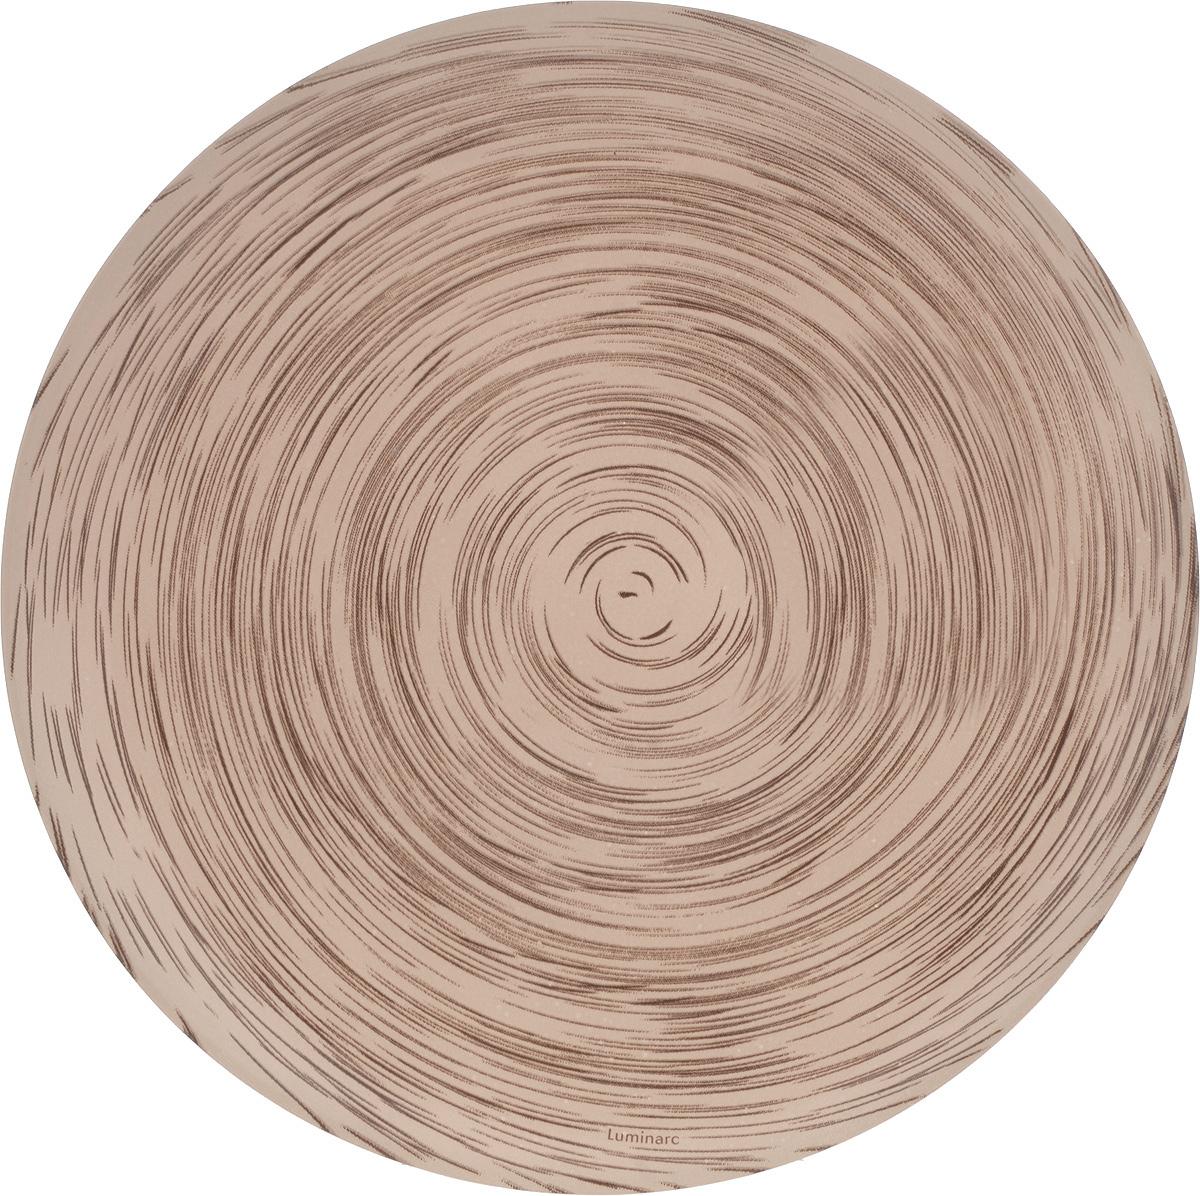 Тарелка десертная Luminarc Stonemania Cappuccino, диаметр 20 смJ2131Десертная тарелка Luminarc Stonemania Cappuccino, изготовленная из высококачественного стекла, имеет изысканный внешний вид. Такая тарелка прекрасно подходит как для торжественных случаев, так и для повседневного использования. Идеальна для подачи десертов, пирожных, тортов и многого другого. Она прекрасно оформит стол и станет отличным дополнением к вашей коллекции кухонной посуды.Диаметр тарелки: 20 см.Высота тарелки: 1,5 см.